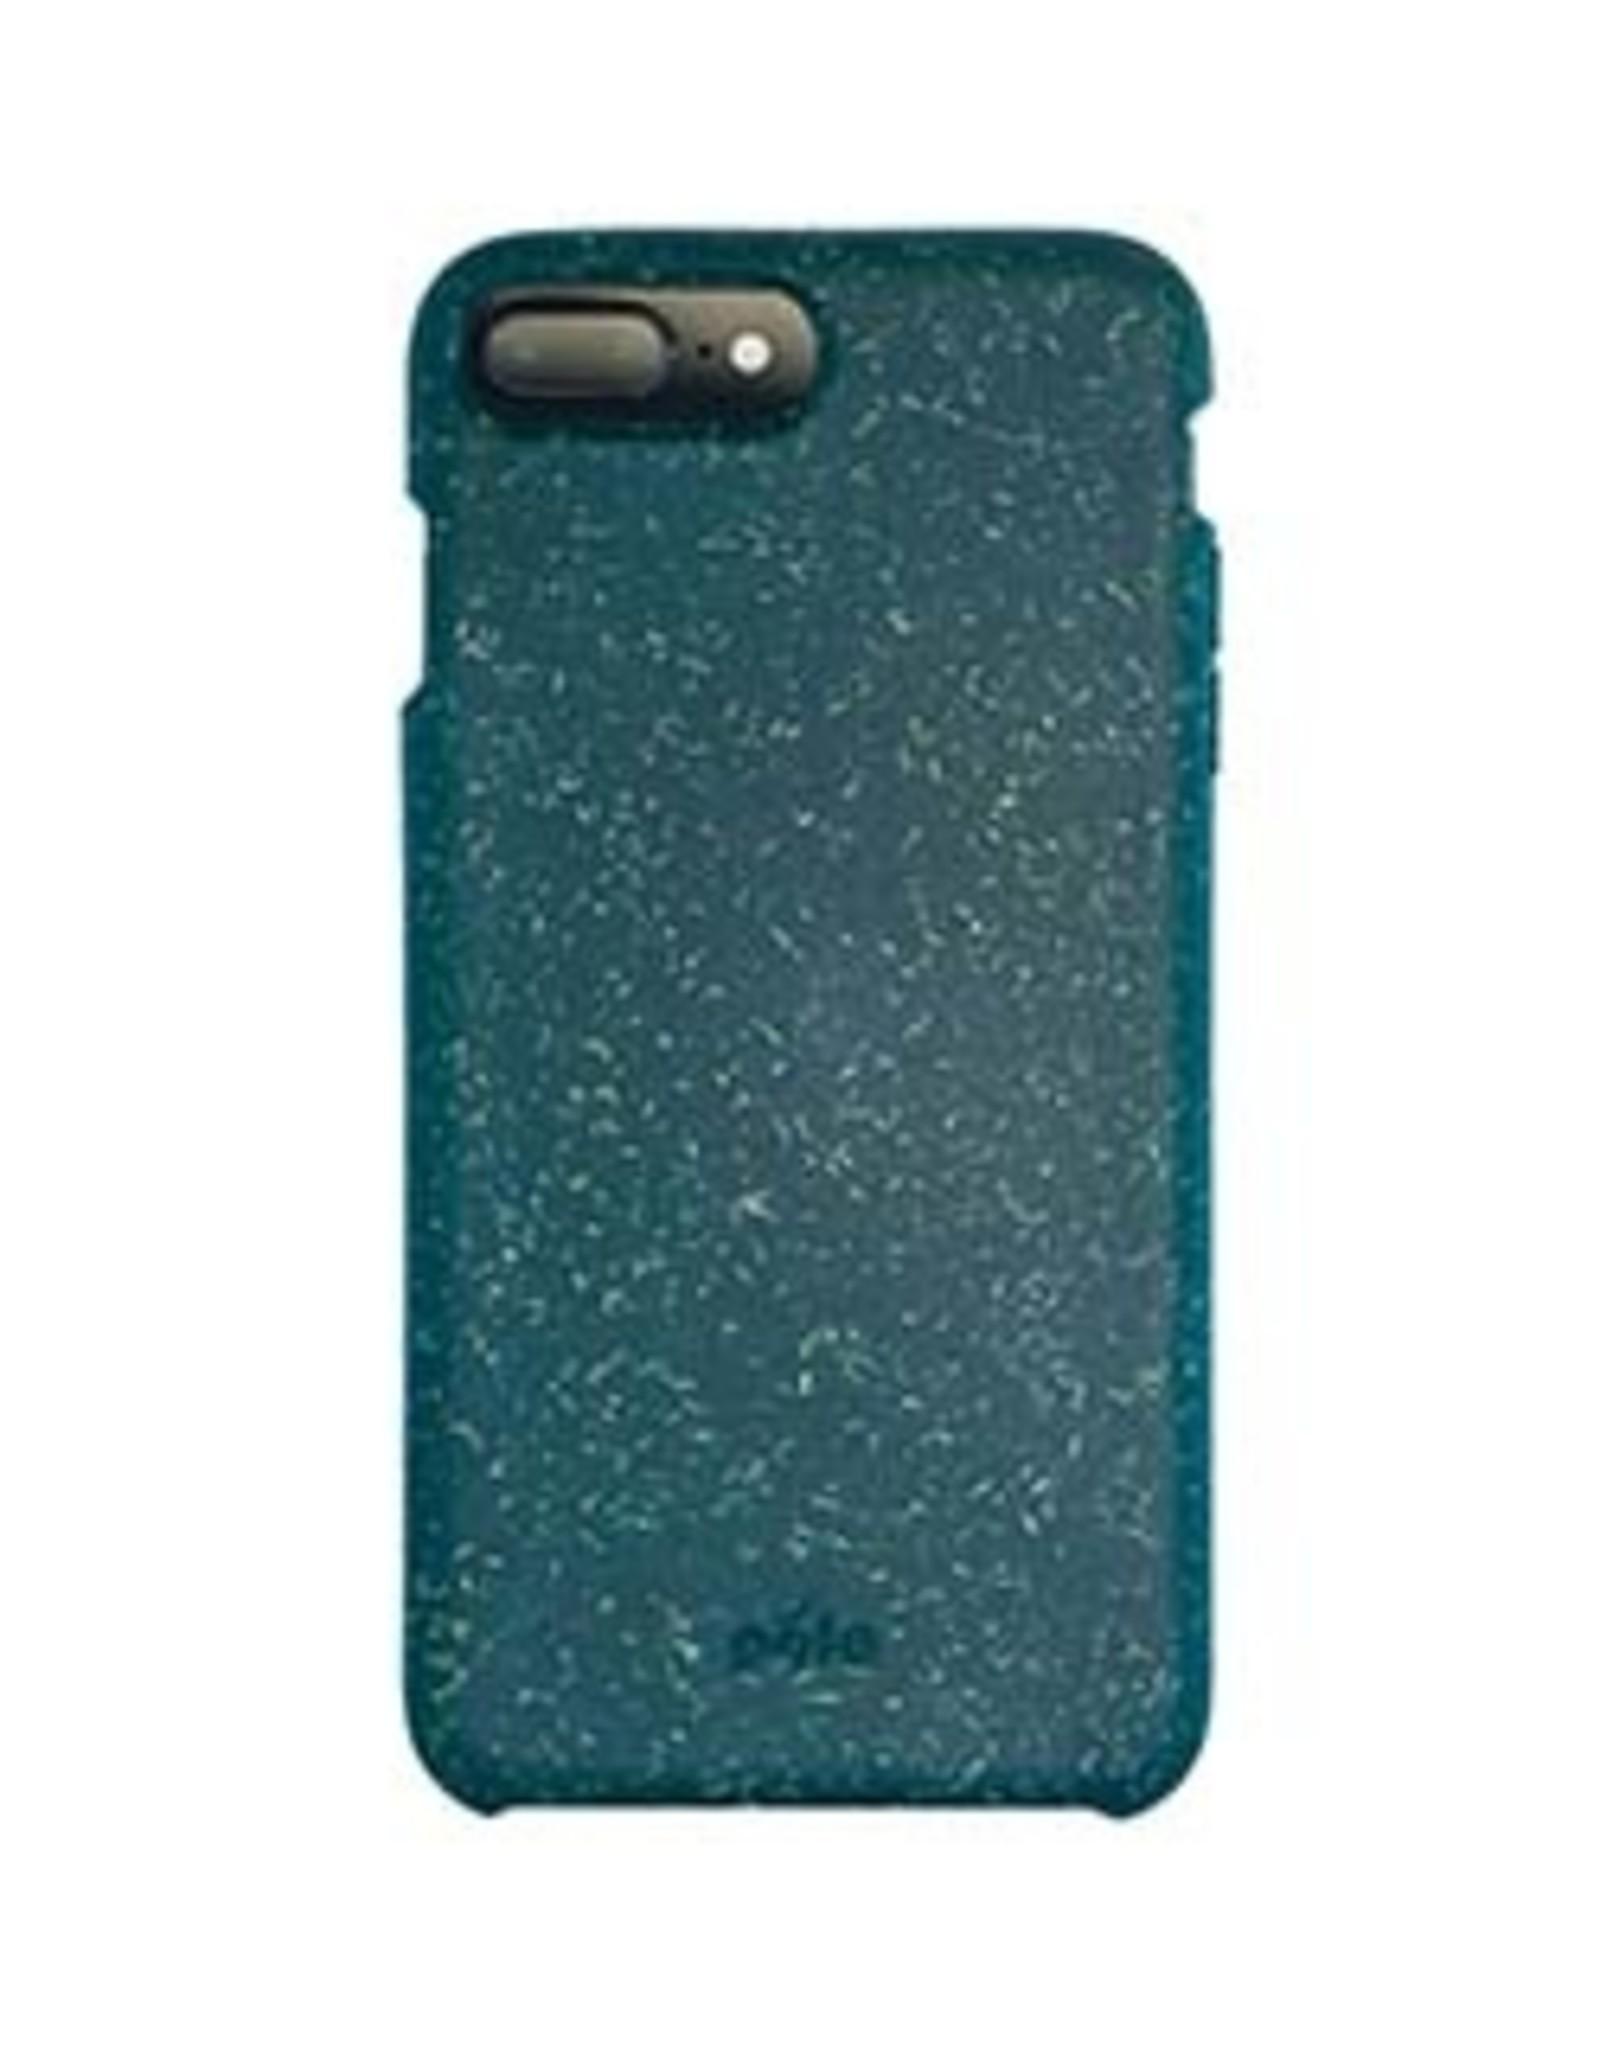 Pela iPhone 8 Plus/7 Plus/6S Plus/6 Plus Pela Green Compostable Eco-Friendly Protective Case